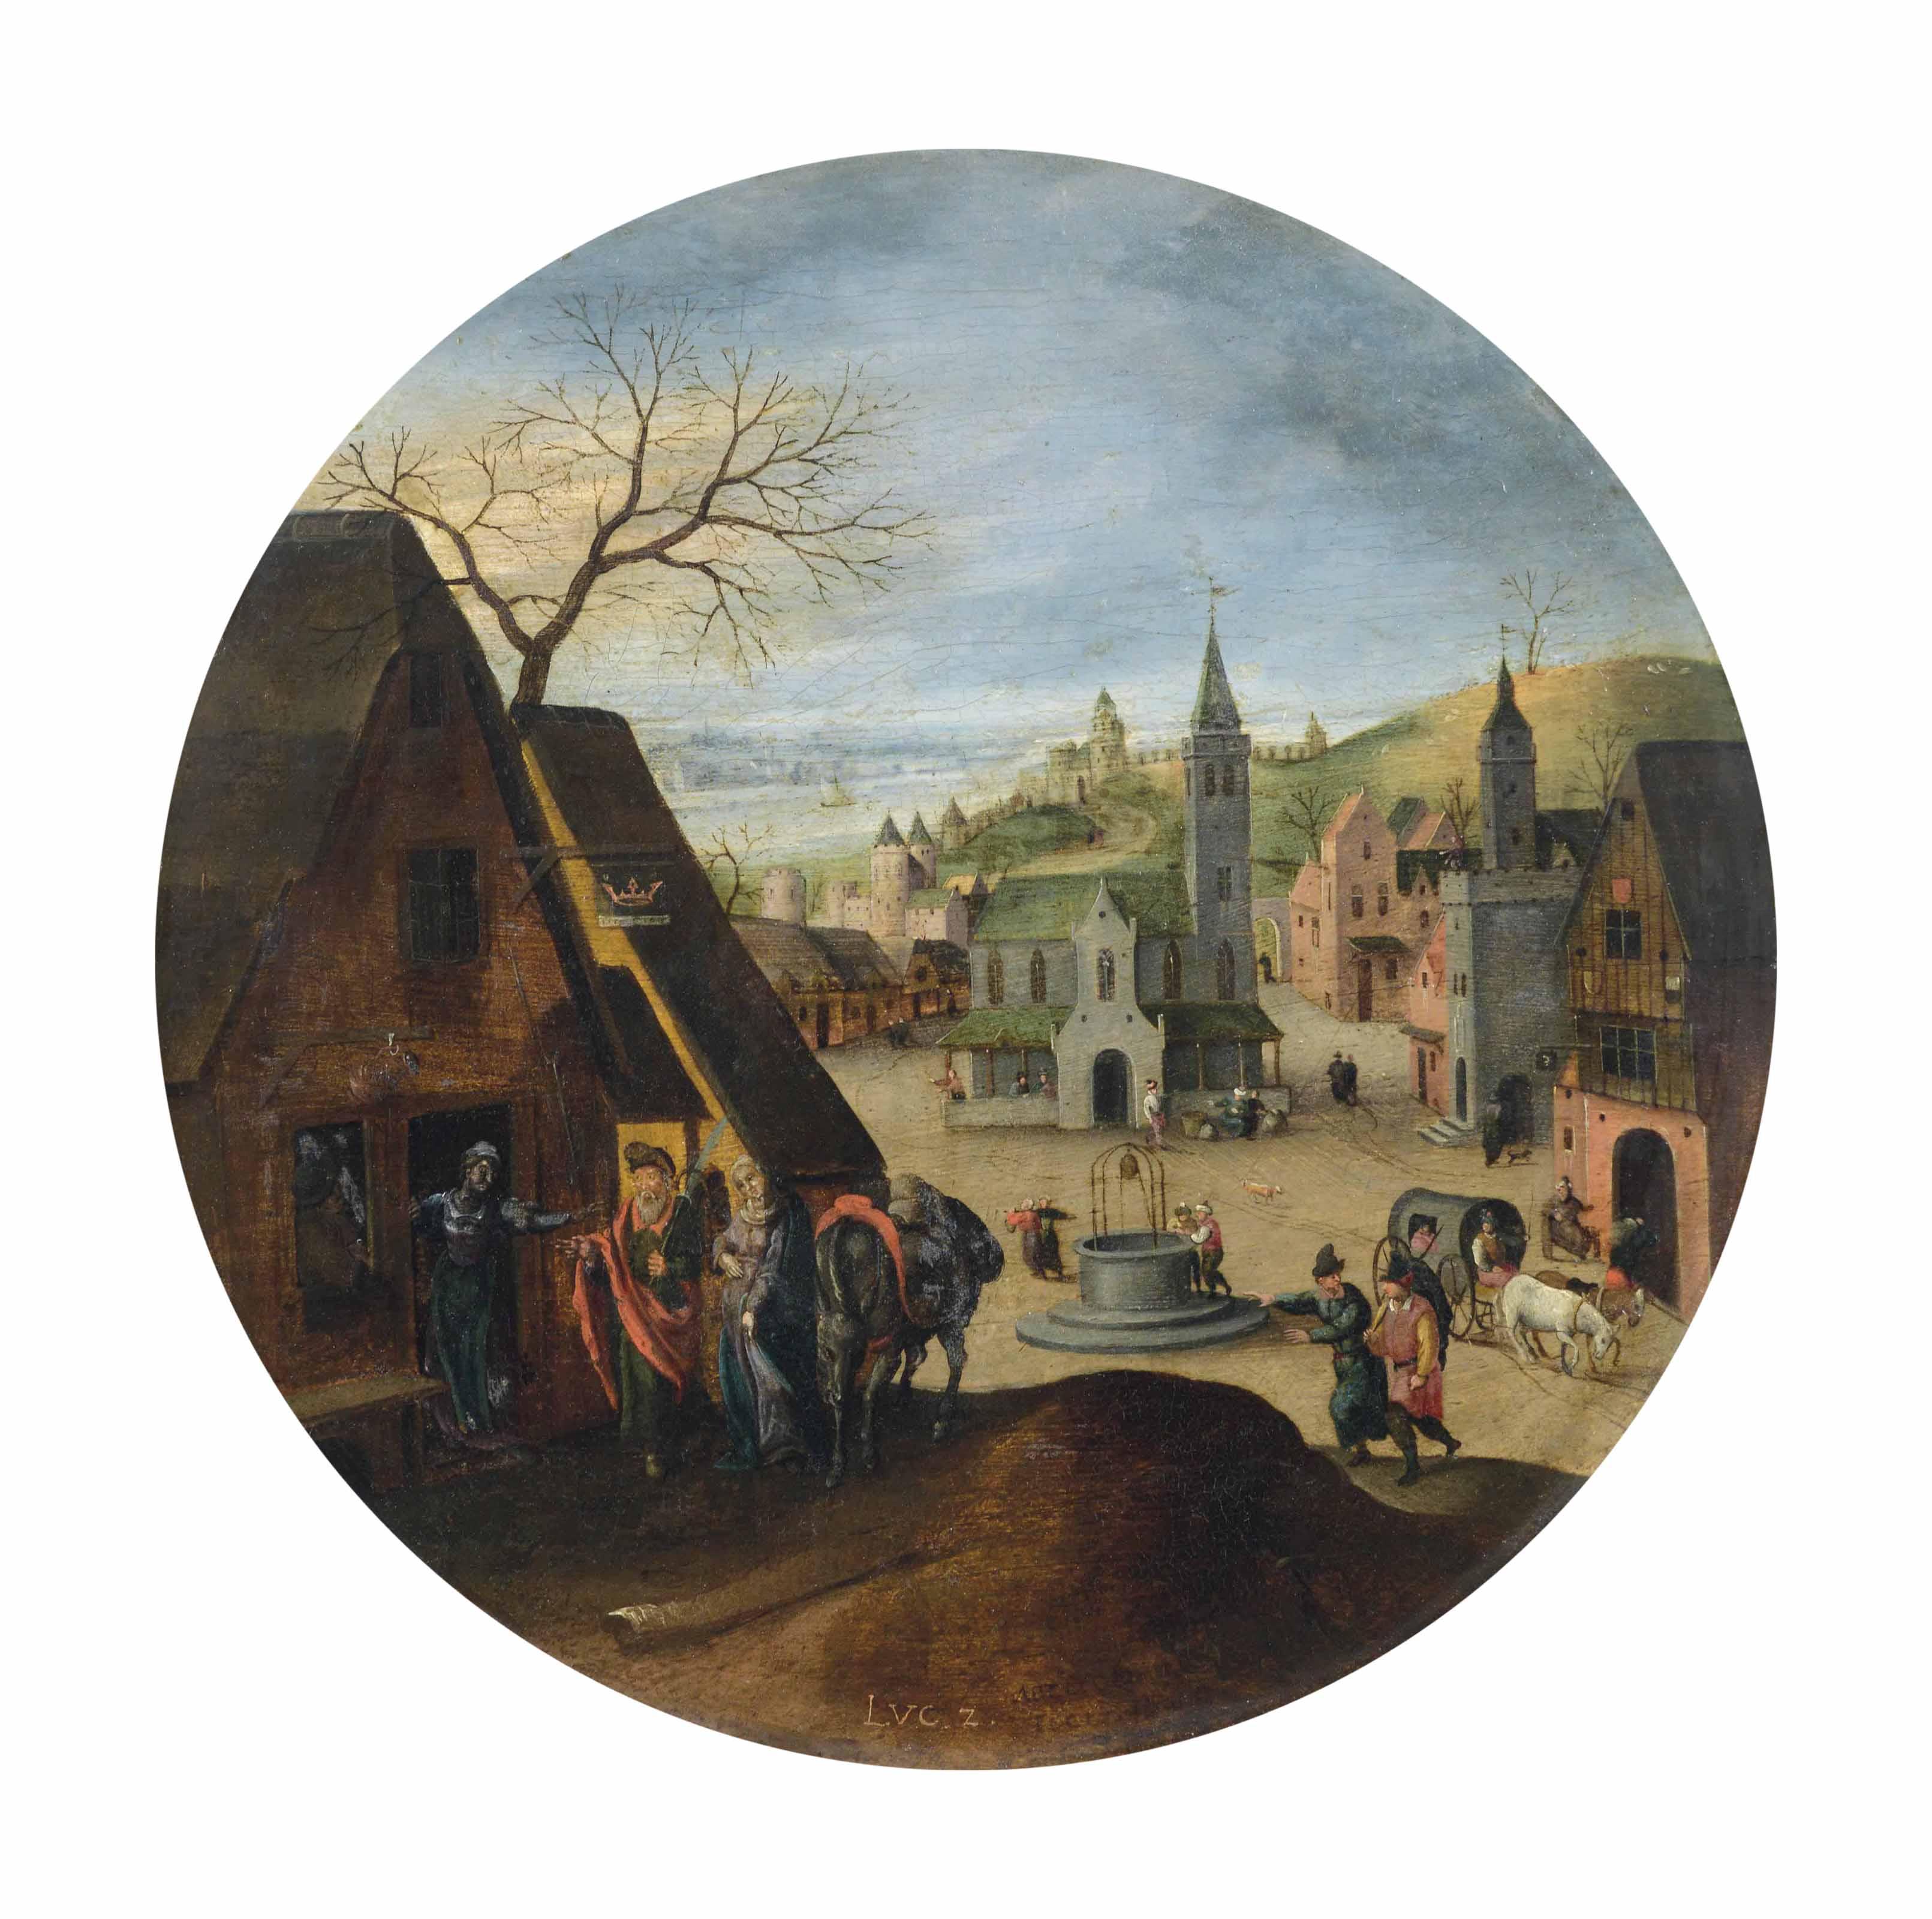 Le mois de décembre: Marie devant l'auberge